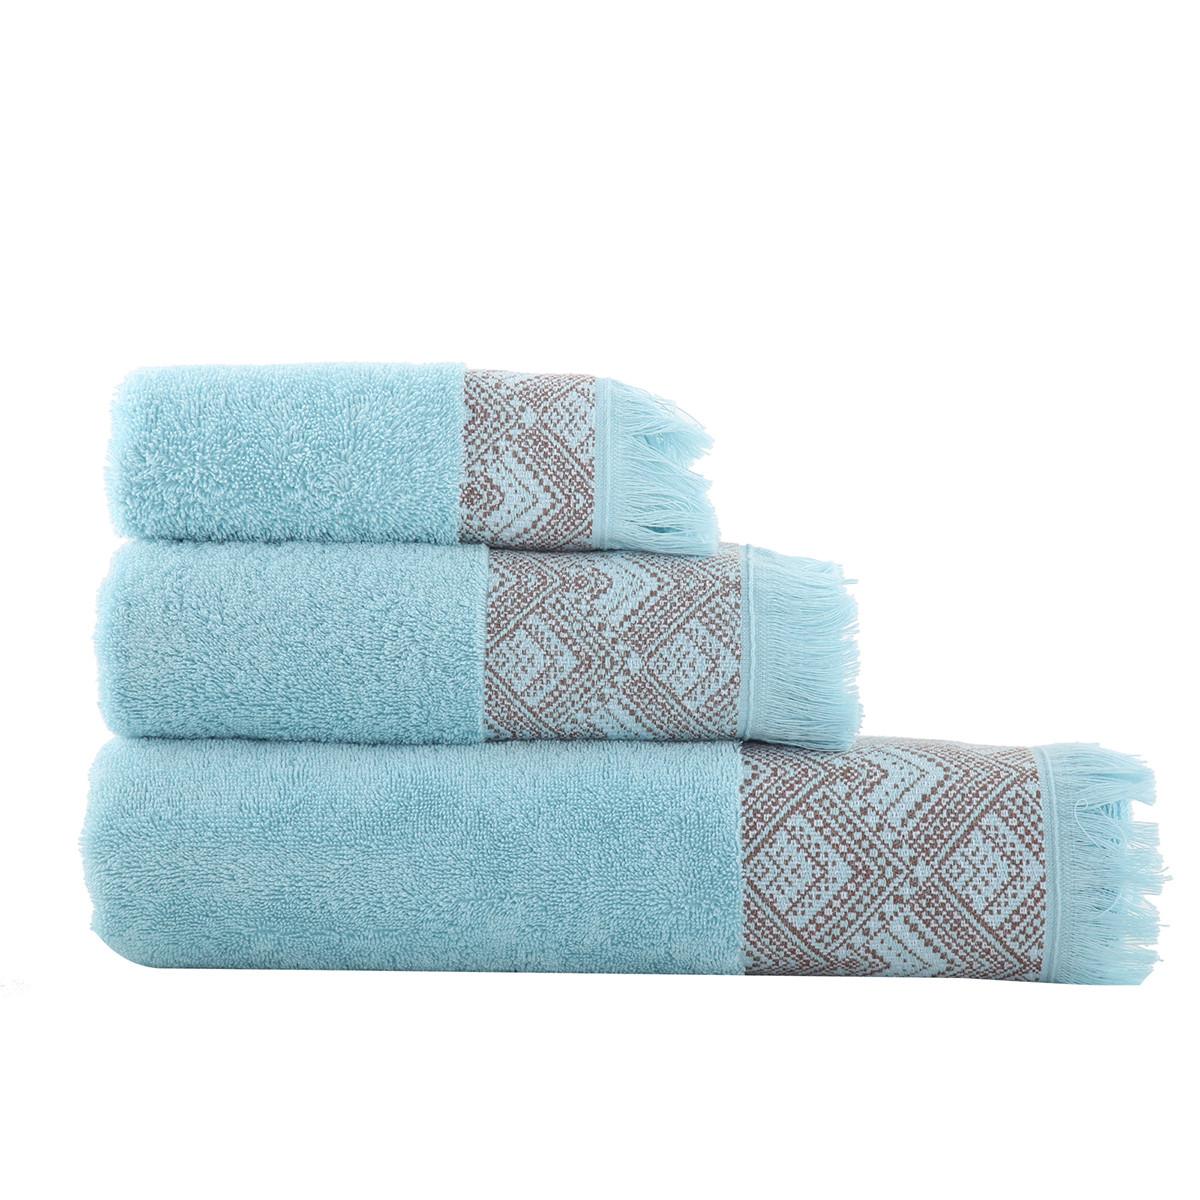 Πετσέτες Μπάνιου (Σετ 3τμχ) Nef-Nef Maya home   μπάνιο   πετσέτες μπάνιου